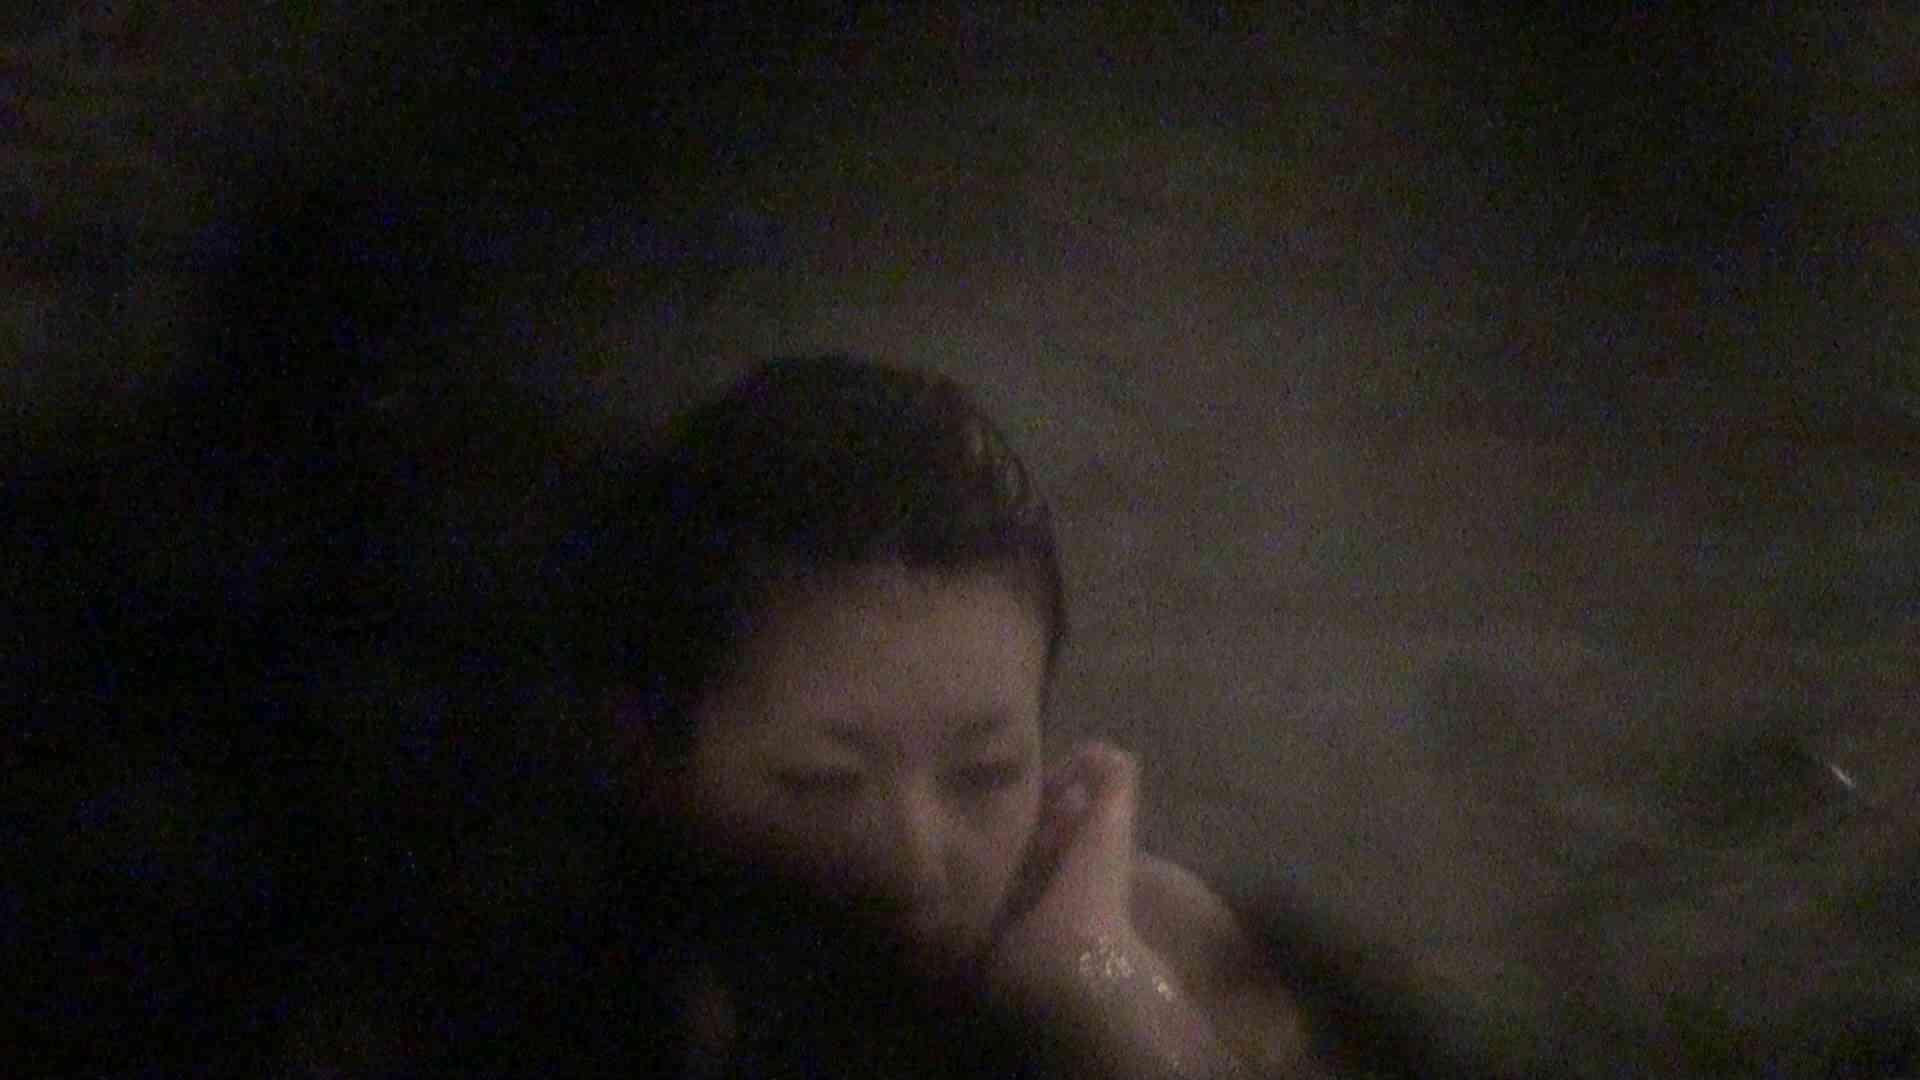 Aquaな露天風呂Vol.375 露天   盗撮  78PICs 31